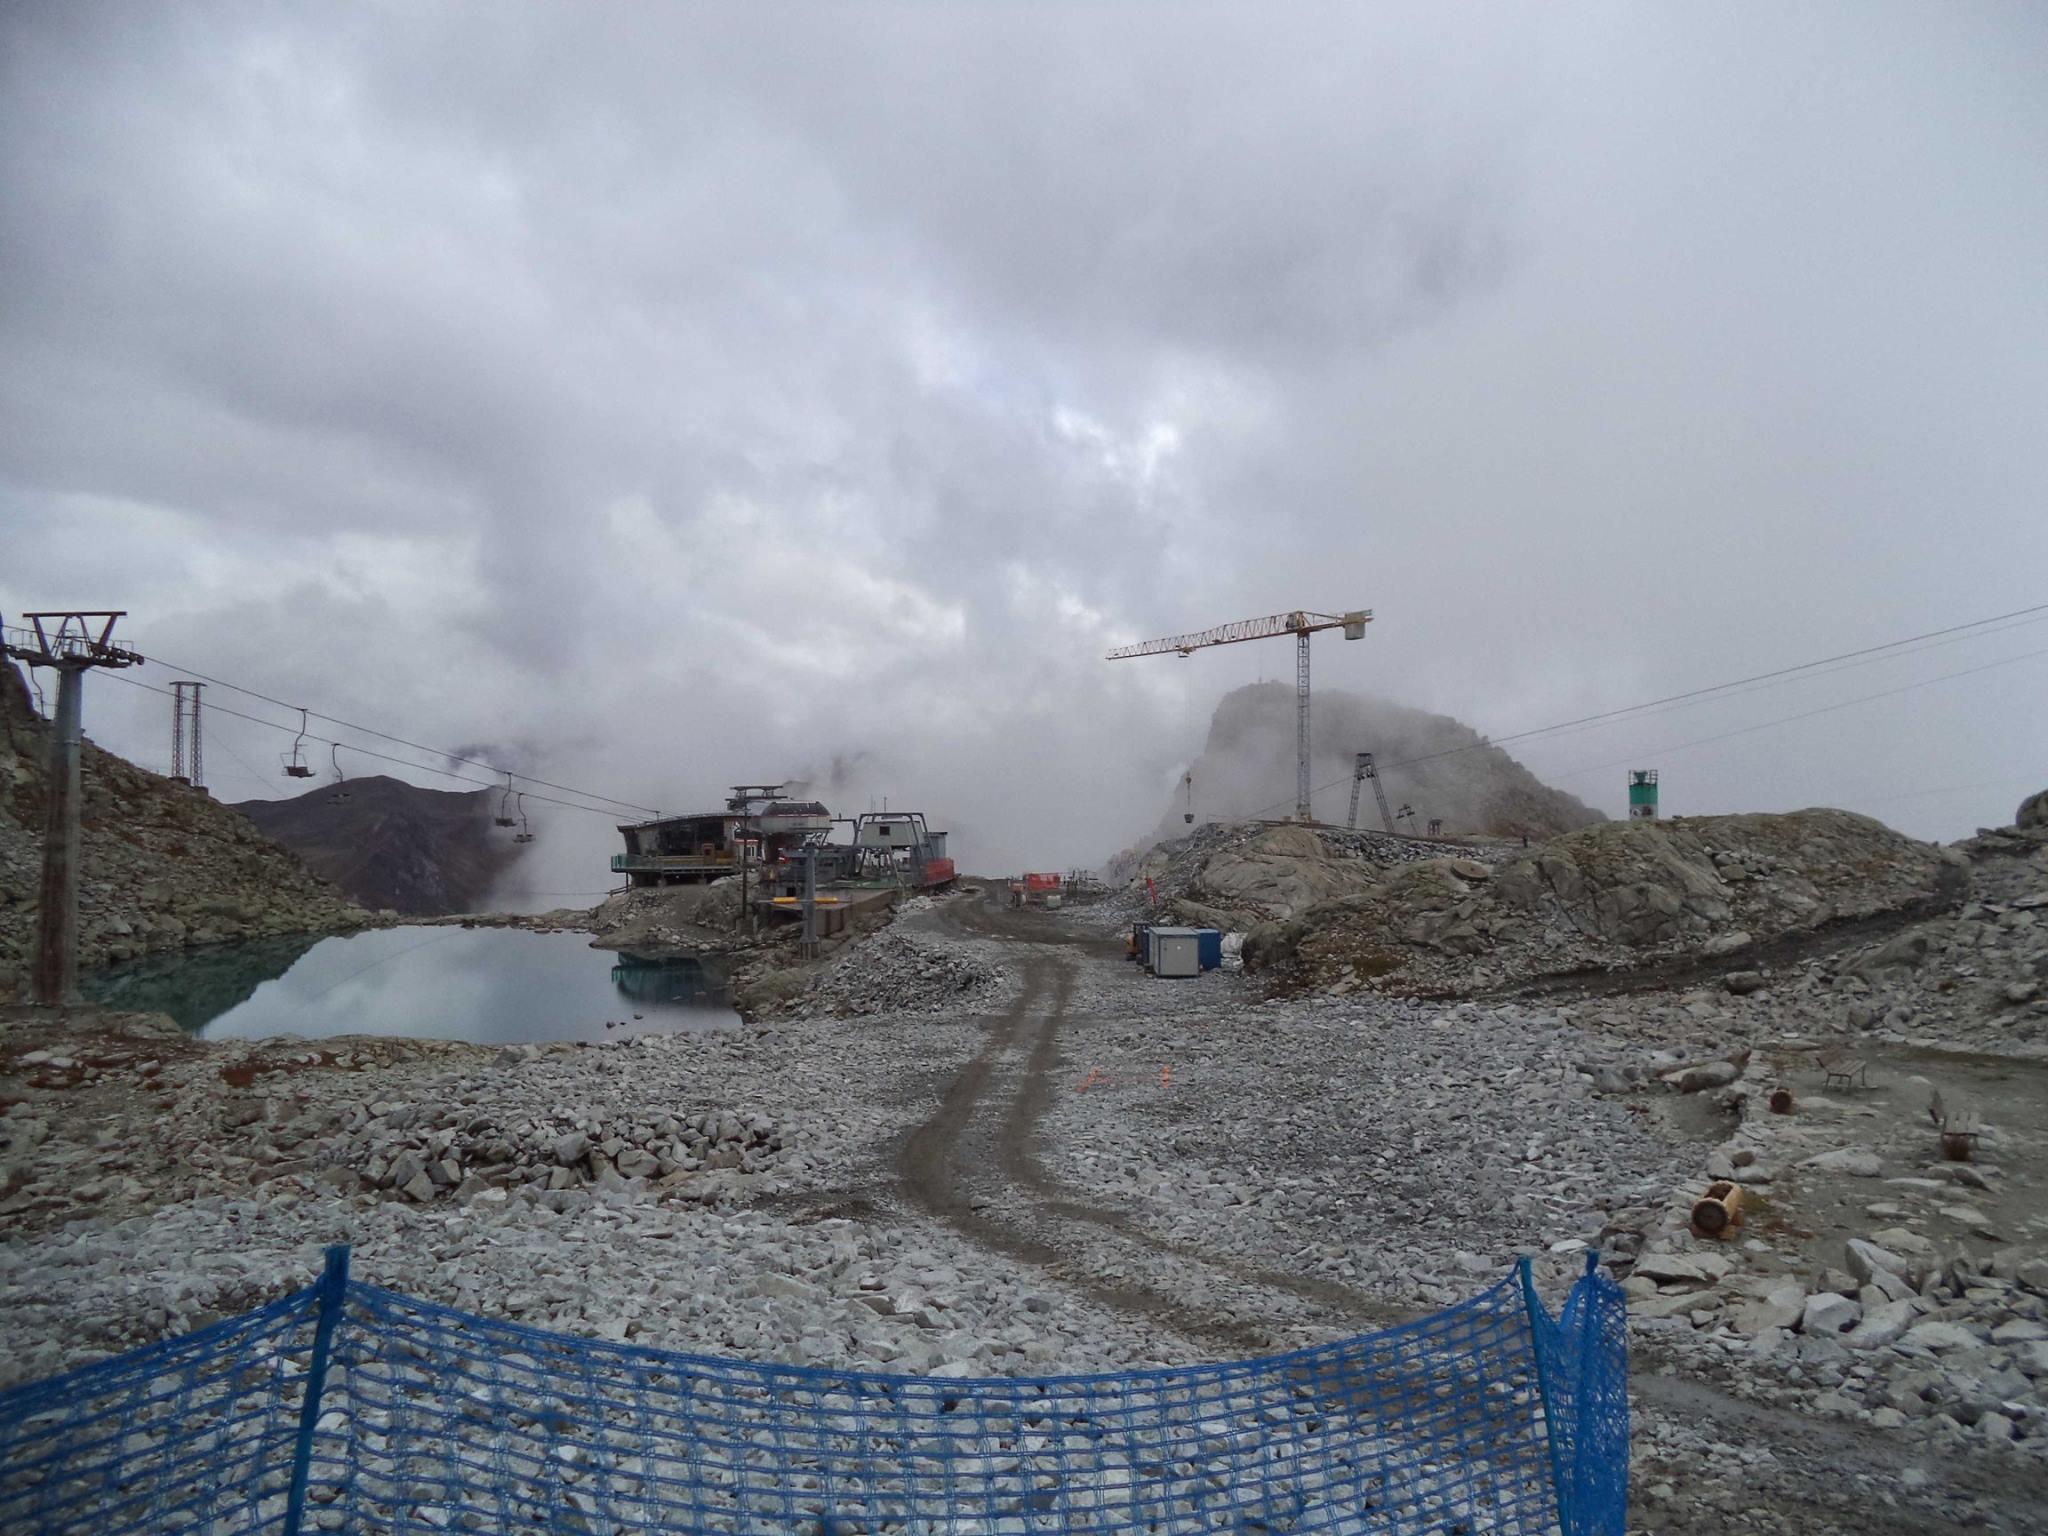 Sul ghiacciaio Presena proseguono i lavori per la nuova Cabinovia